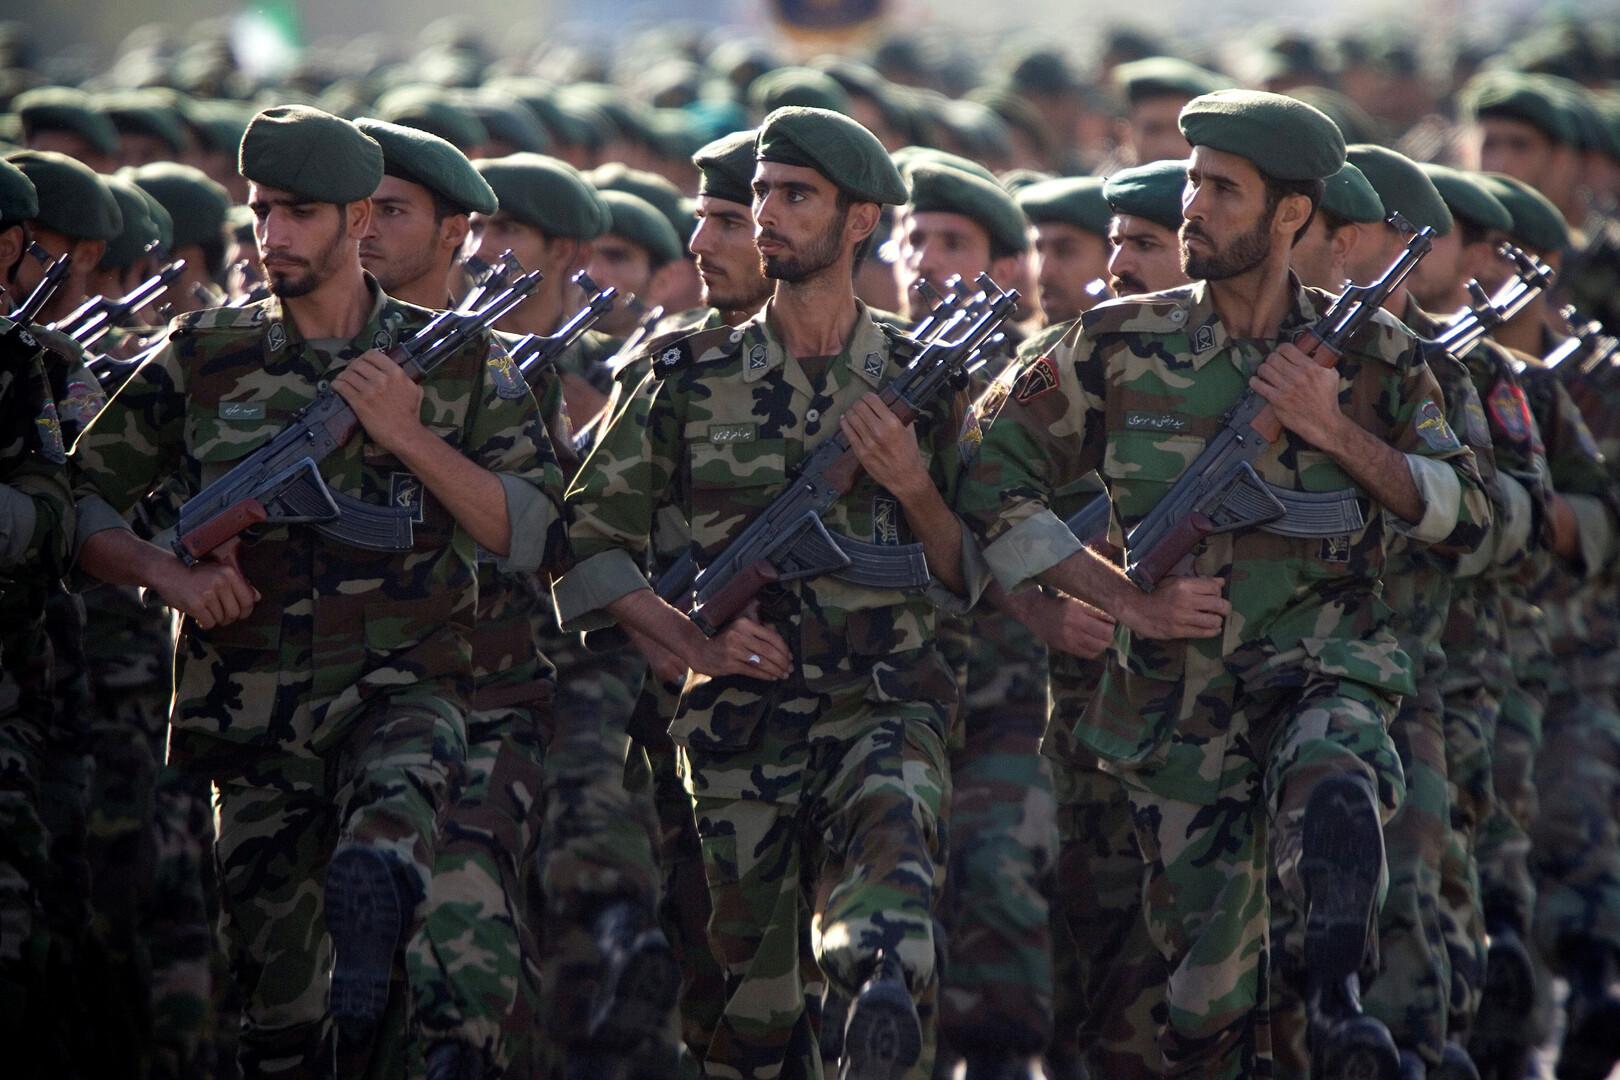 الحرس الثوري: معنا 5 جيوش تقف إلى جانبنا في المنطقة